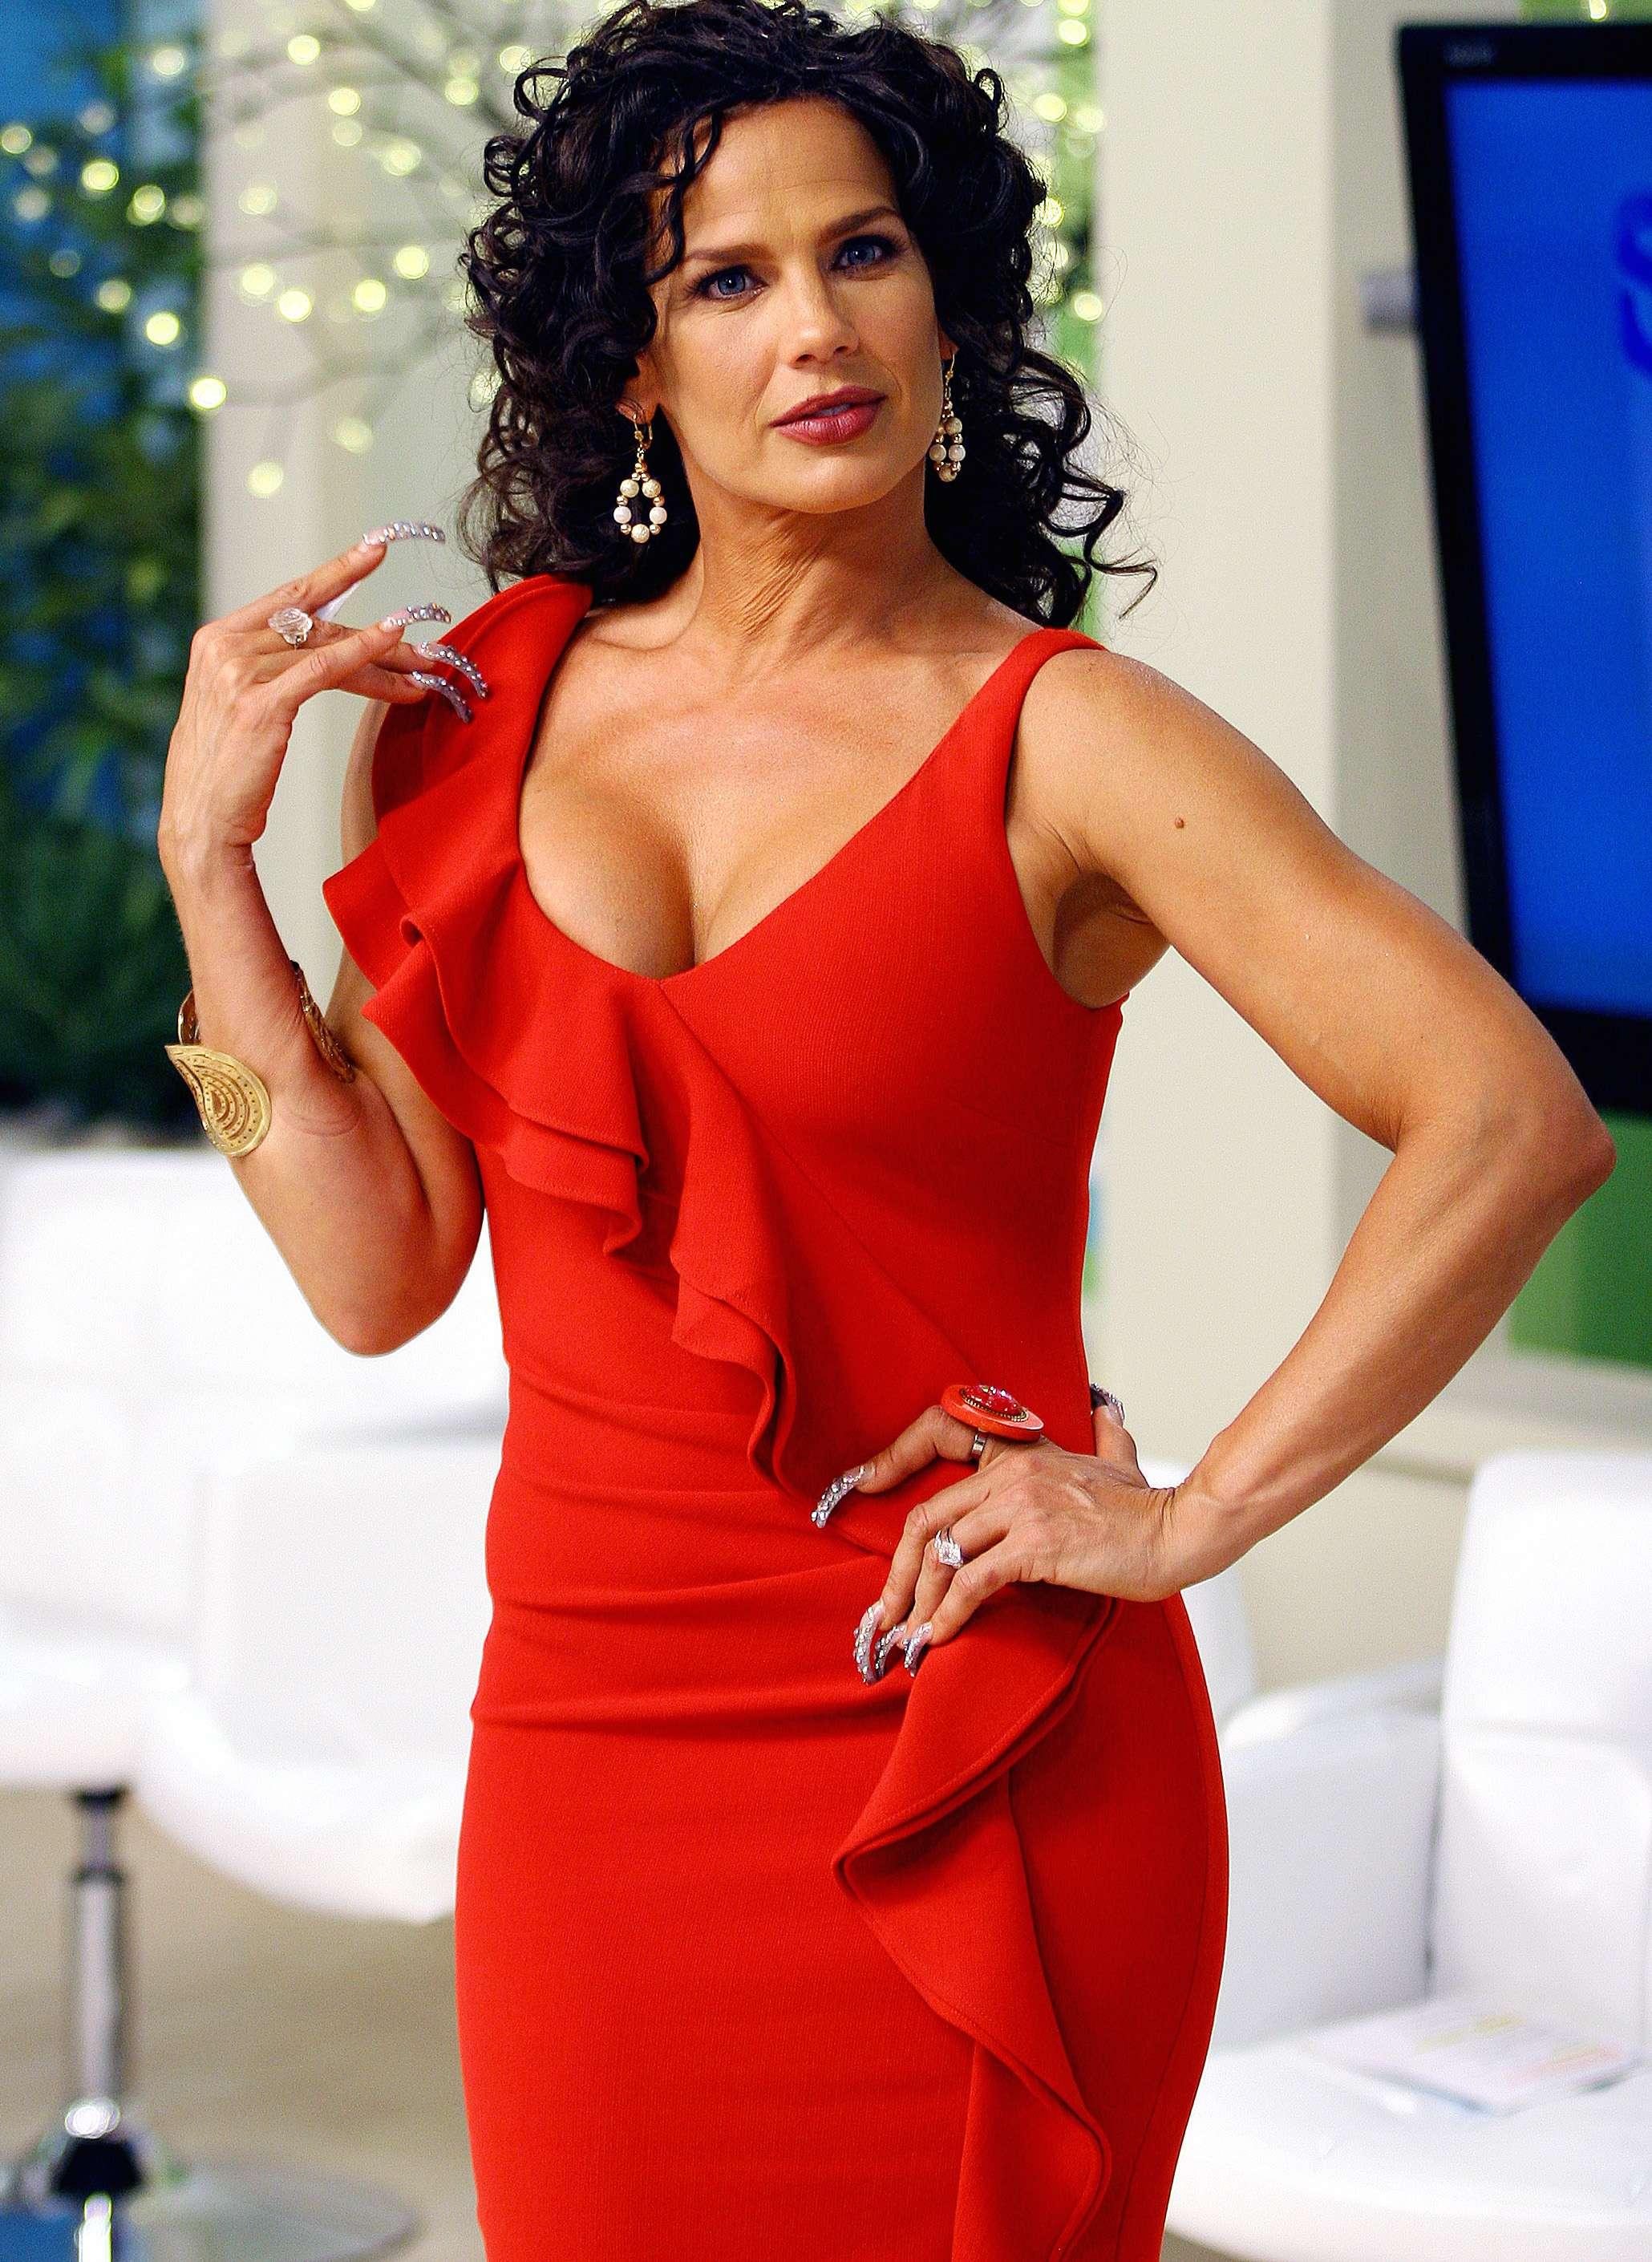 Niurka dijo que el salario de un actor no es tan grande como para ganar los millones que dijo Angélica Rivera. Foto: Medios y Media